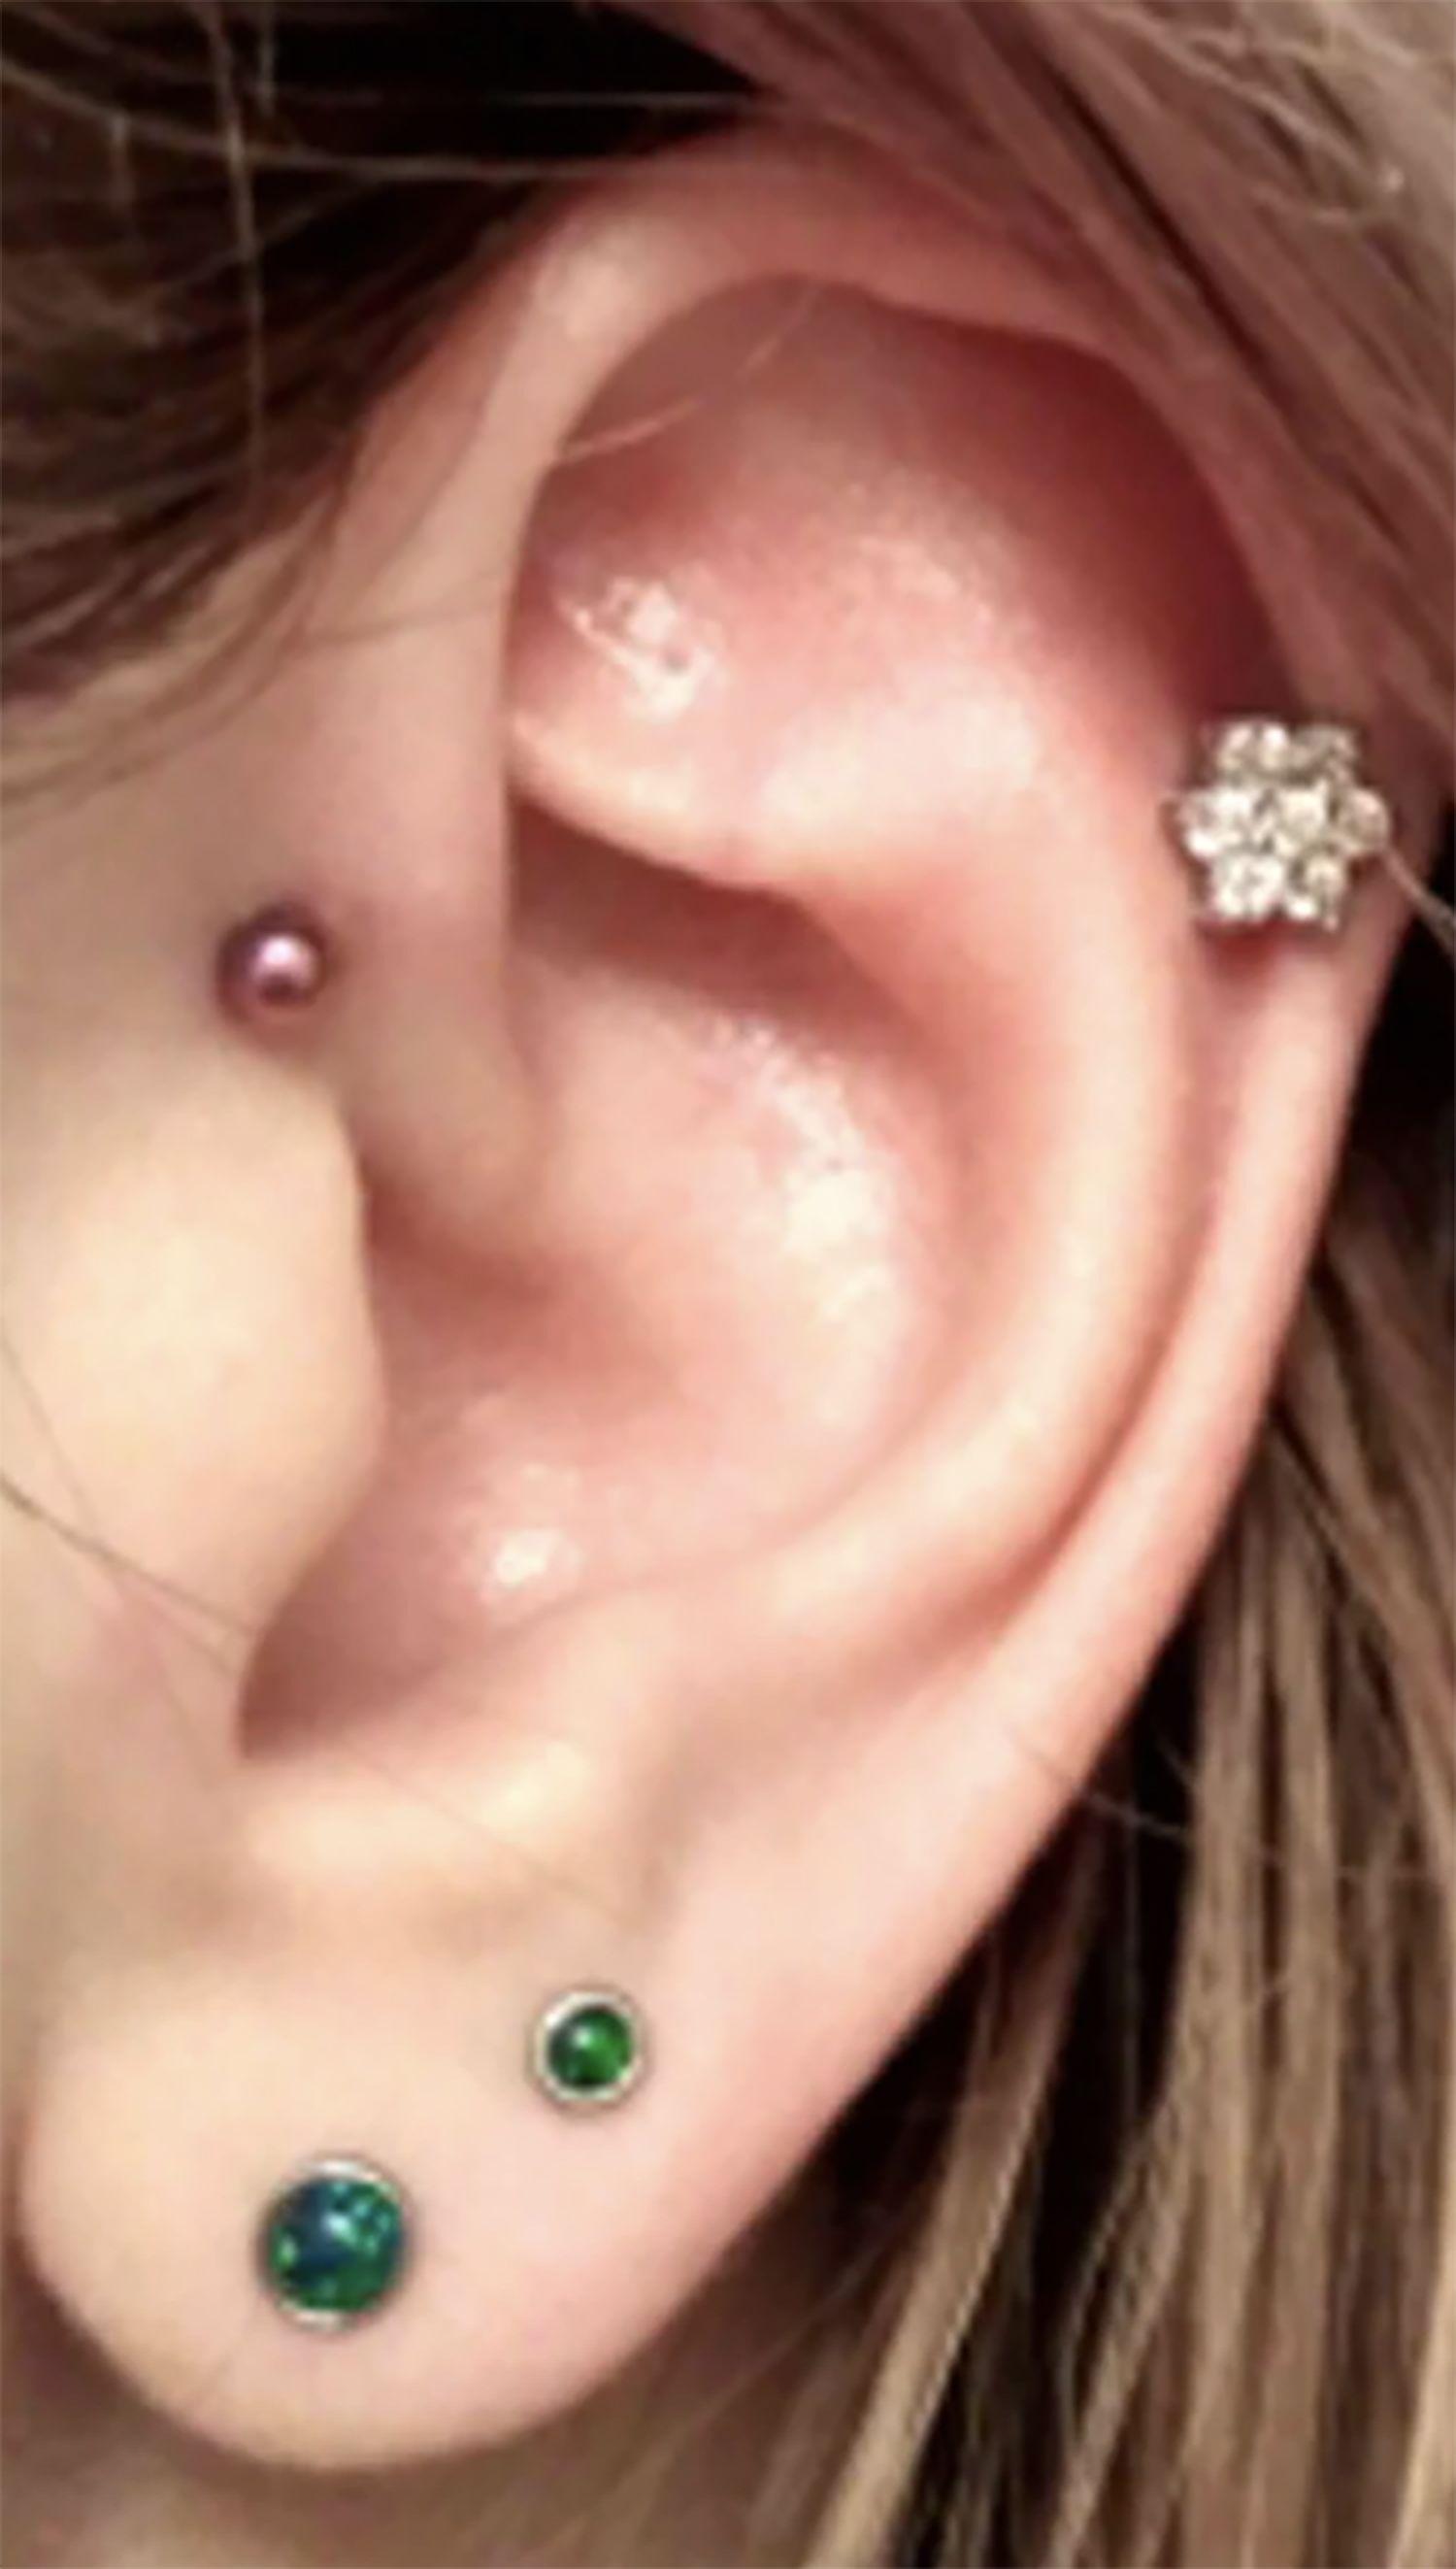 Dazzle Opal Ear Piercing in Emerald in 2020 | Ear piercings